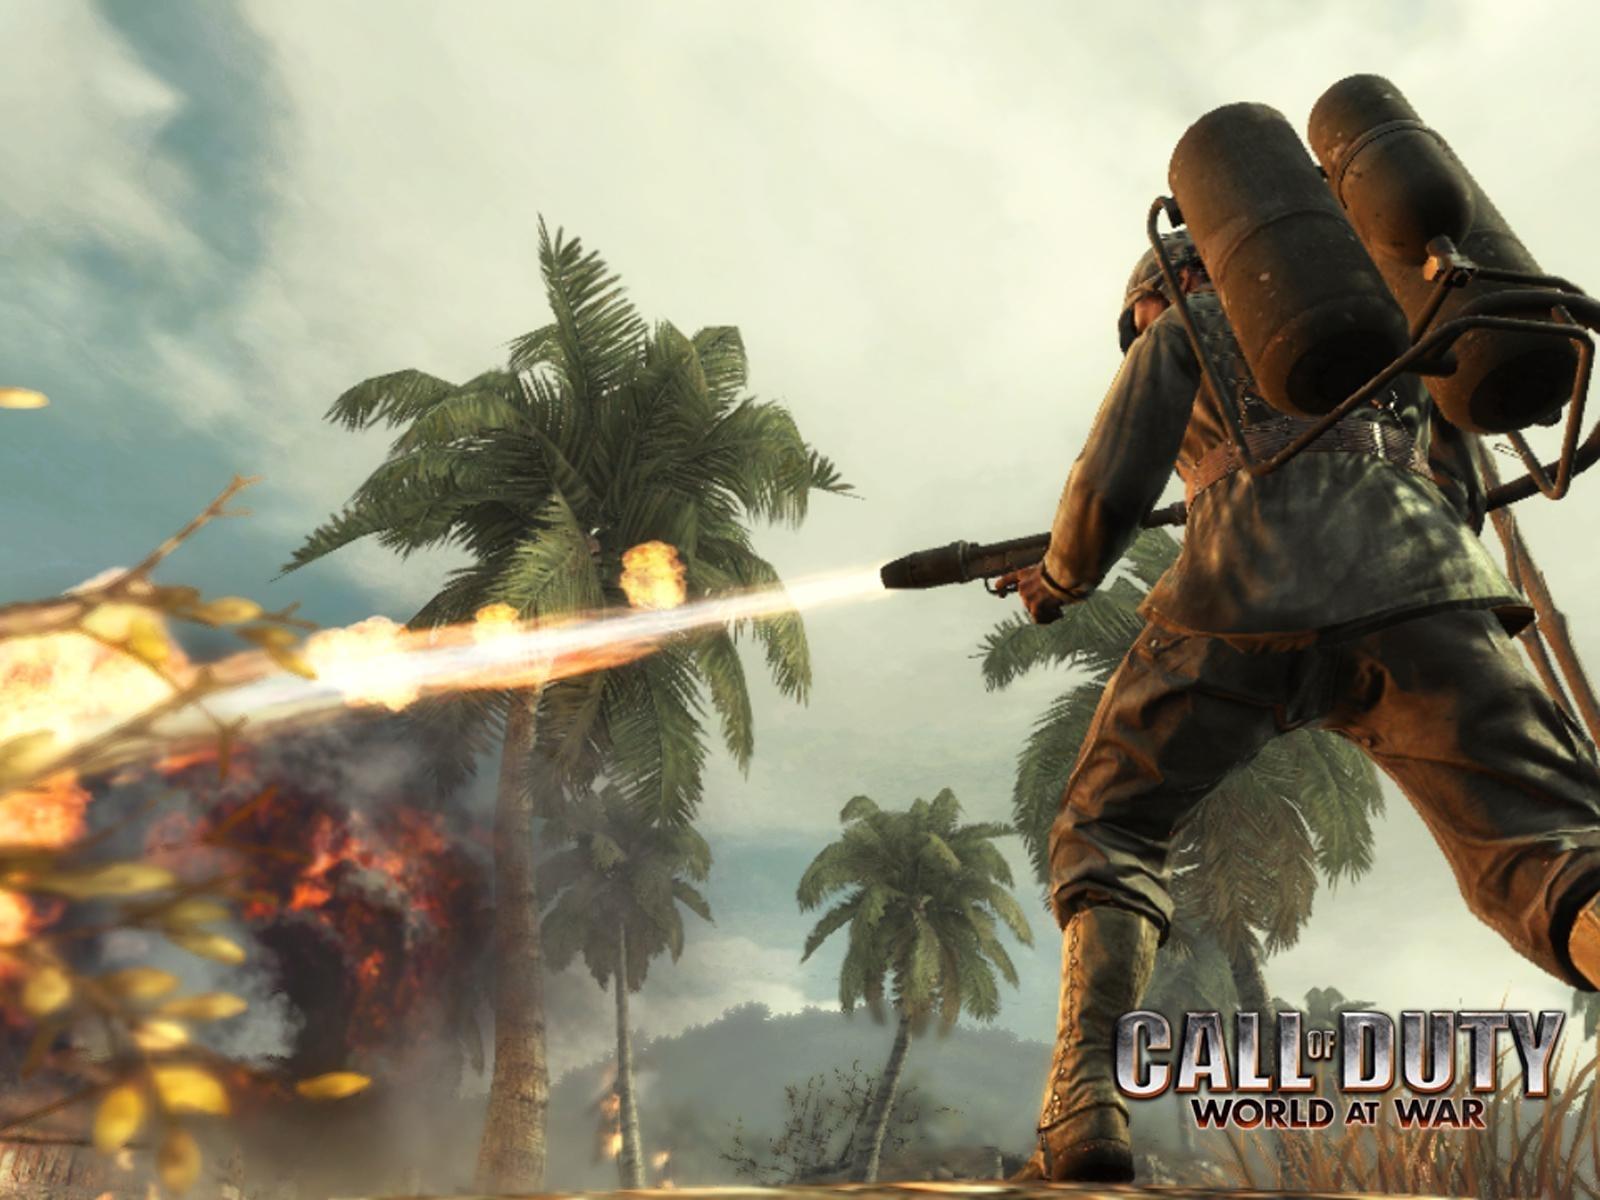 8160 Hintergrundbild herunterladen Spiele, Menschen, Männer, Call Of Duty (Cod), Waffe - Bildschirmschoner und Bilder kostenlos